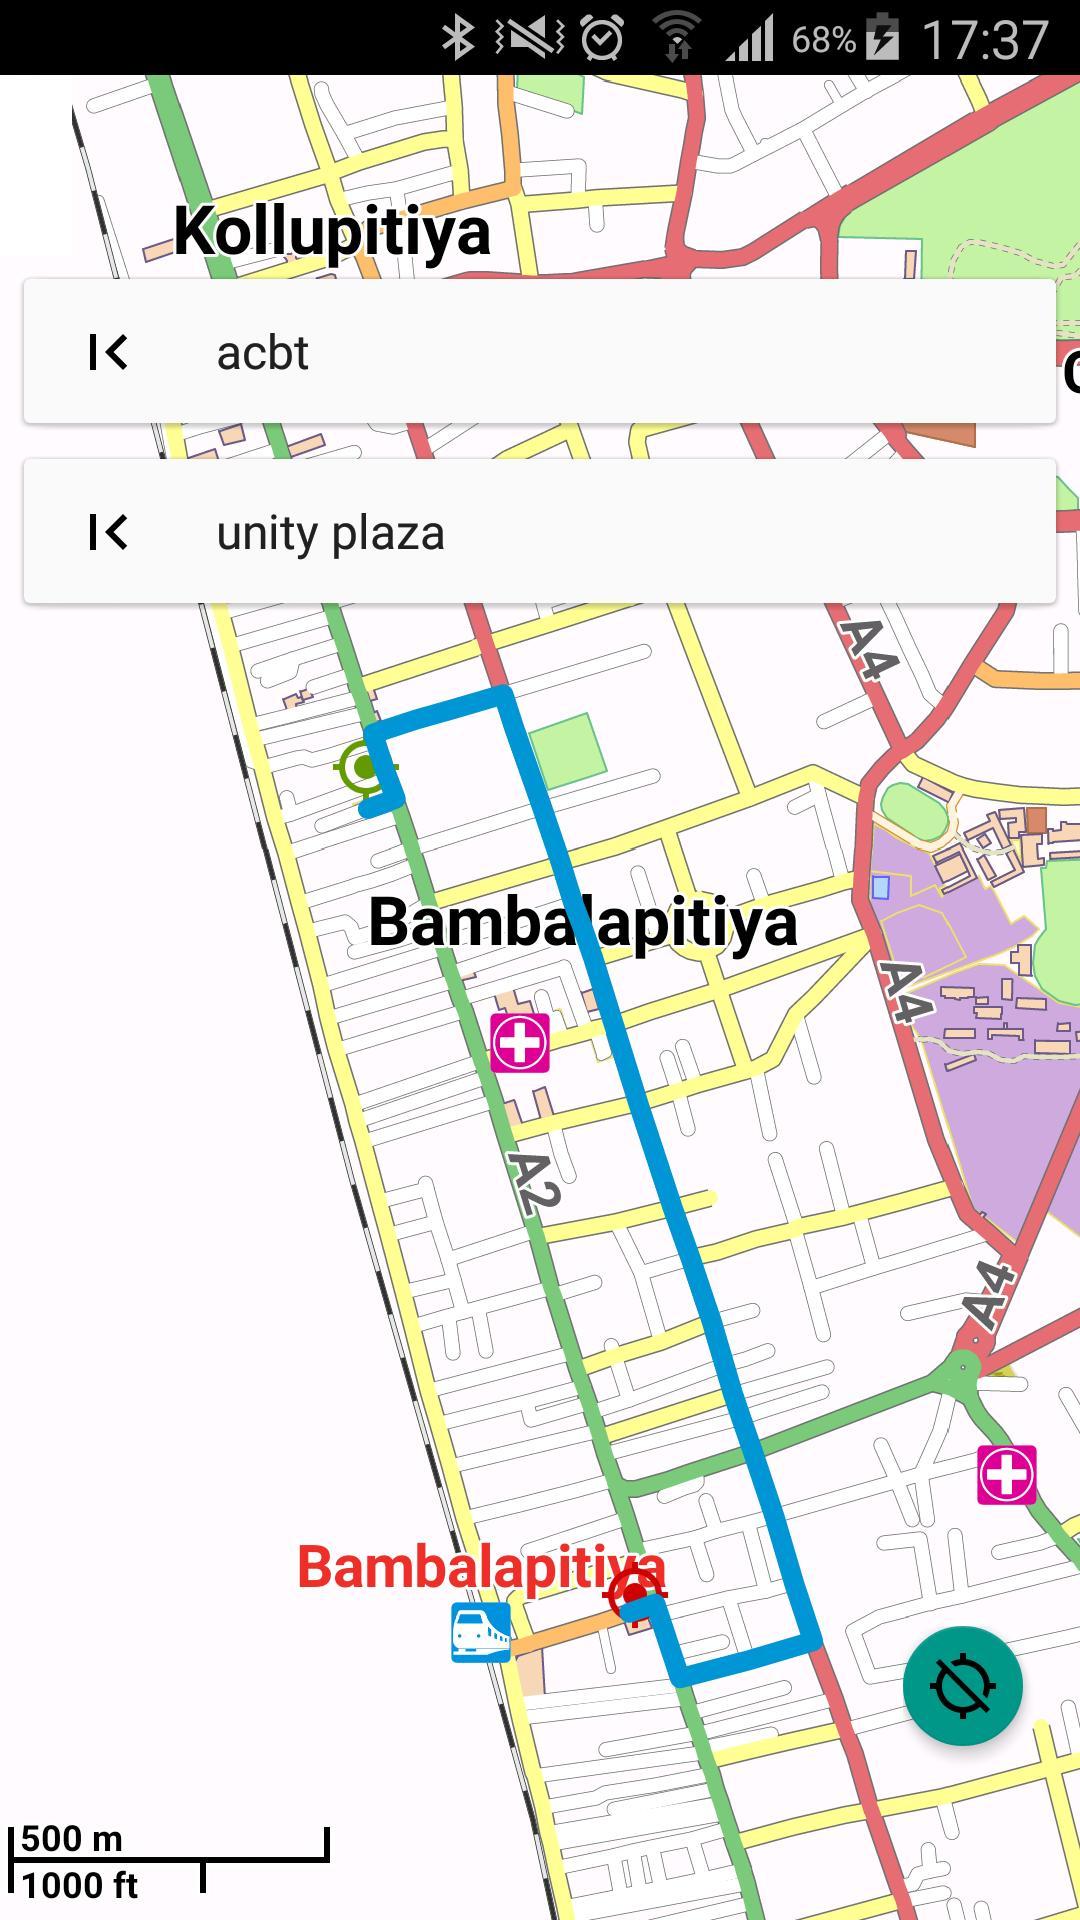 SALT-LAKE-CITY UTAH MAP for Android - APK Download on lisbon utah map, millcreek canyon utah map, oregon trail map, university of utah map, santa fe new mexico map, utah county map, taylorsville utah map, denver colorado map, salt lake valley map, cecret lake utah map, heber utah map, clearfield utah map, snowbird utah map, san francisco california map, logan utah map, geneva utah map, ashley valley utah map, south jordan utah map, utah state map, hd utah map,